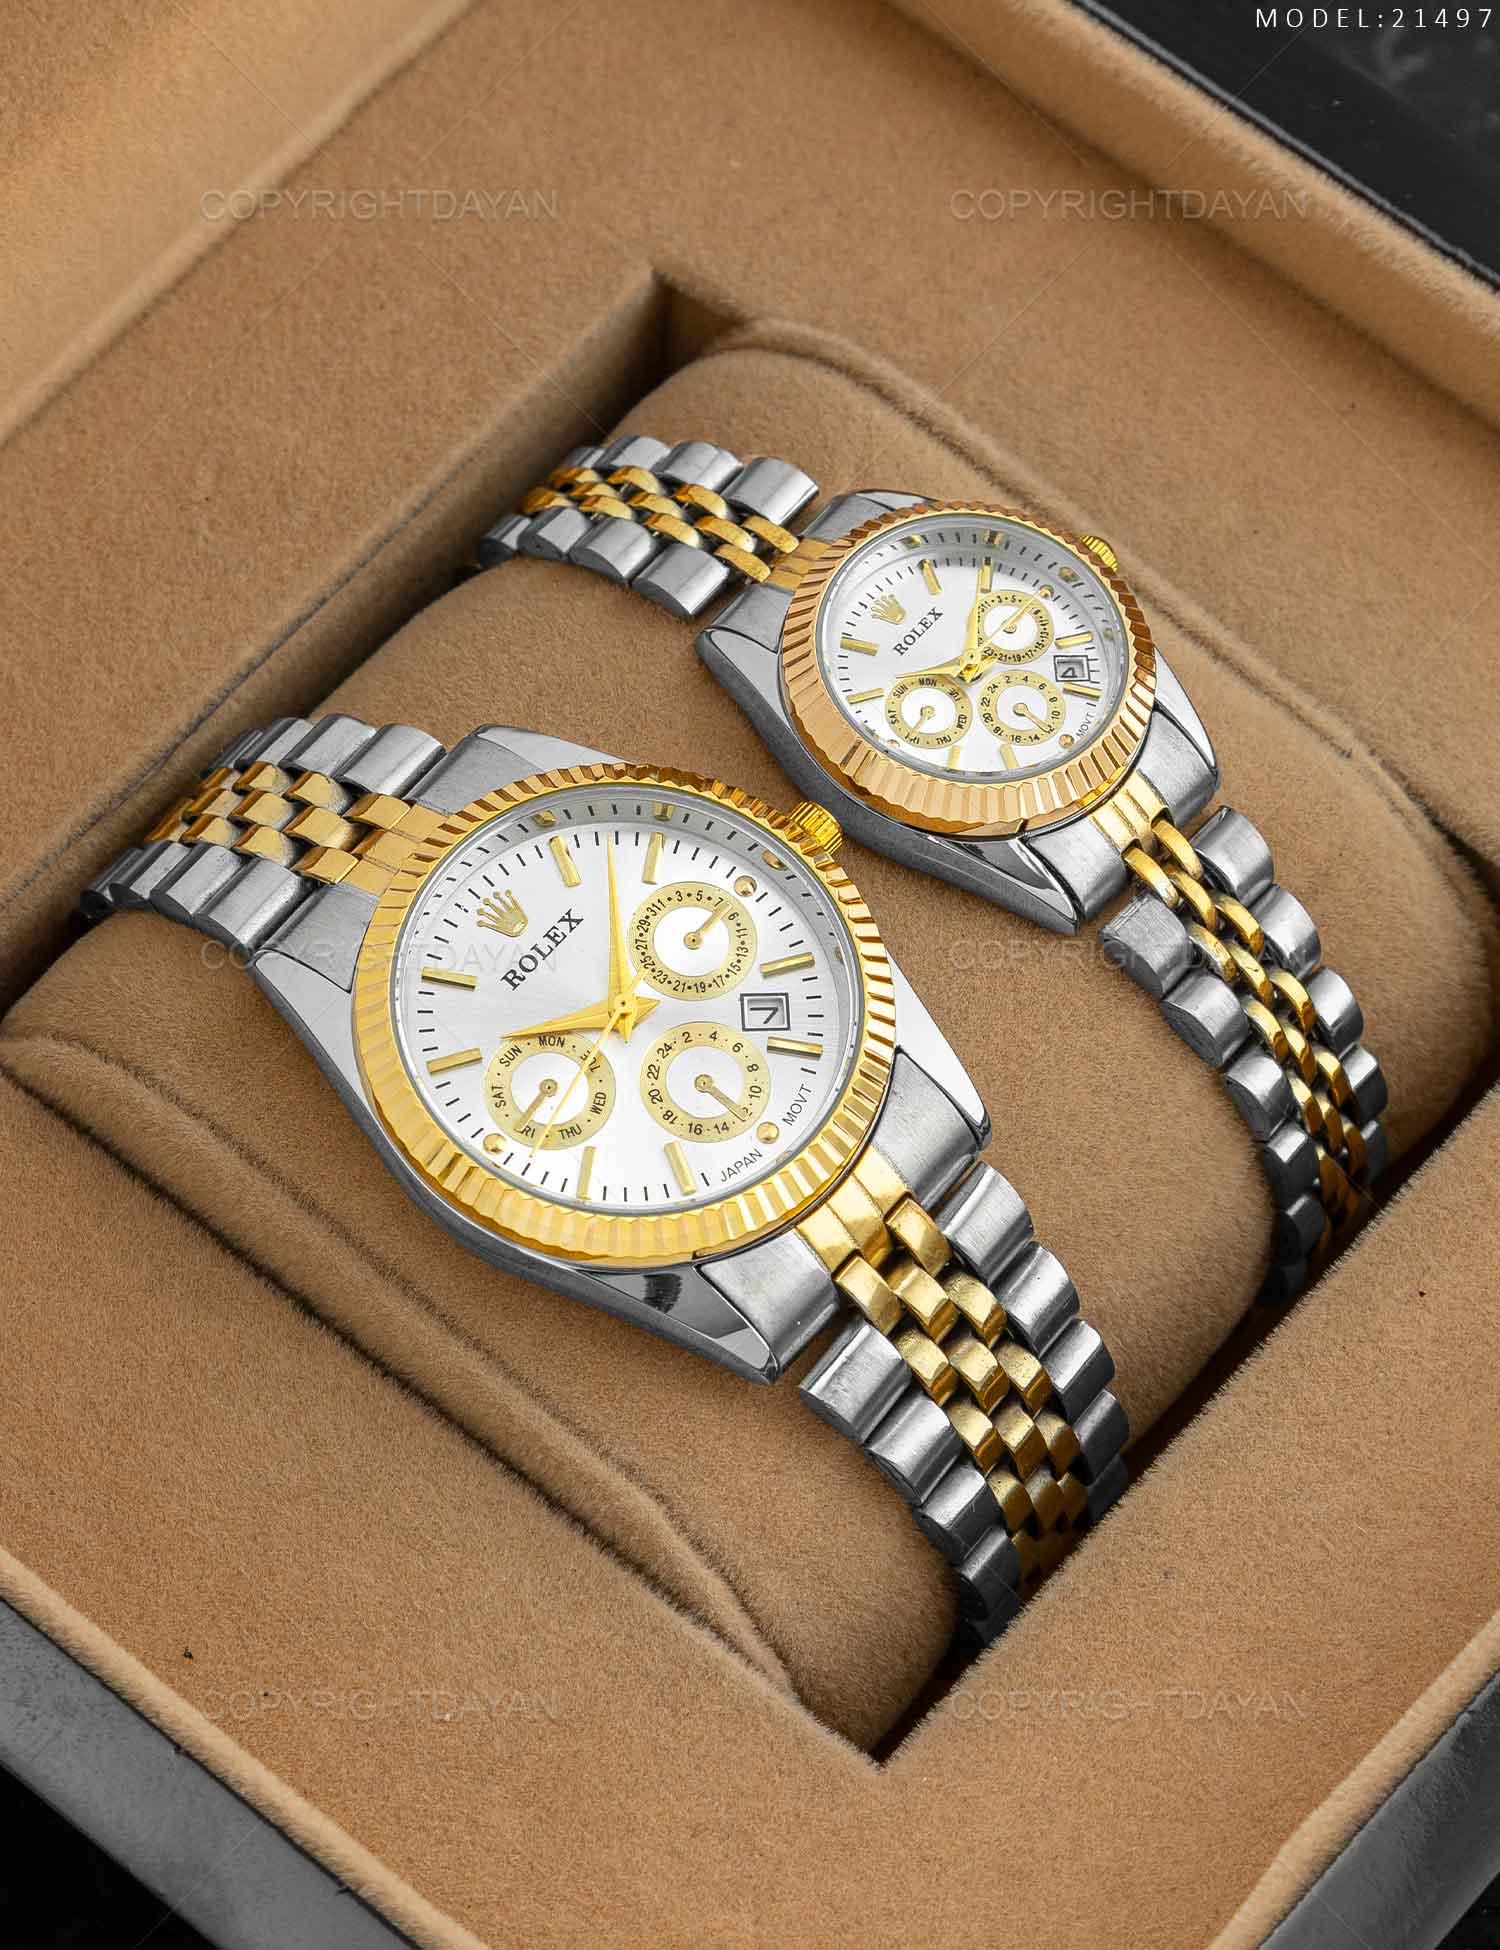 ست ساعت مچی Rolex مدل 21497 ست ساعت مچی Rolex مدل 21497 269,000 تومان